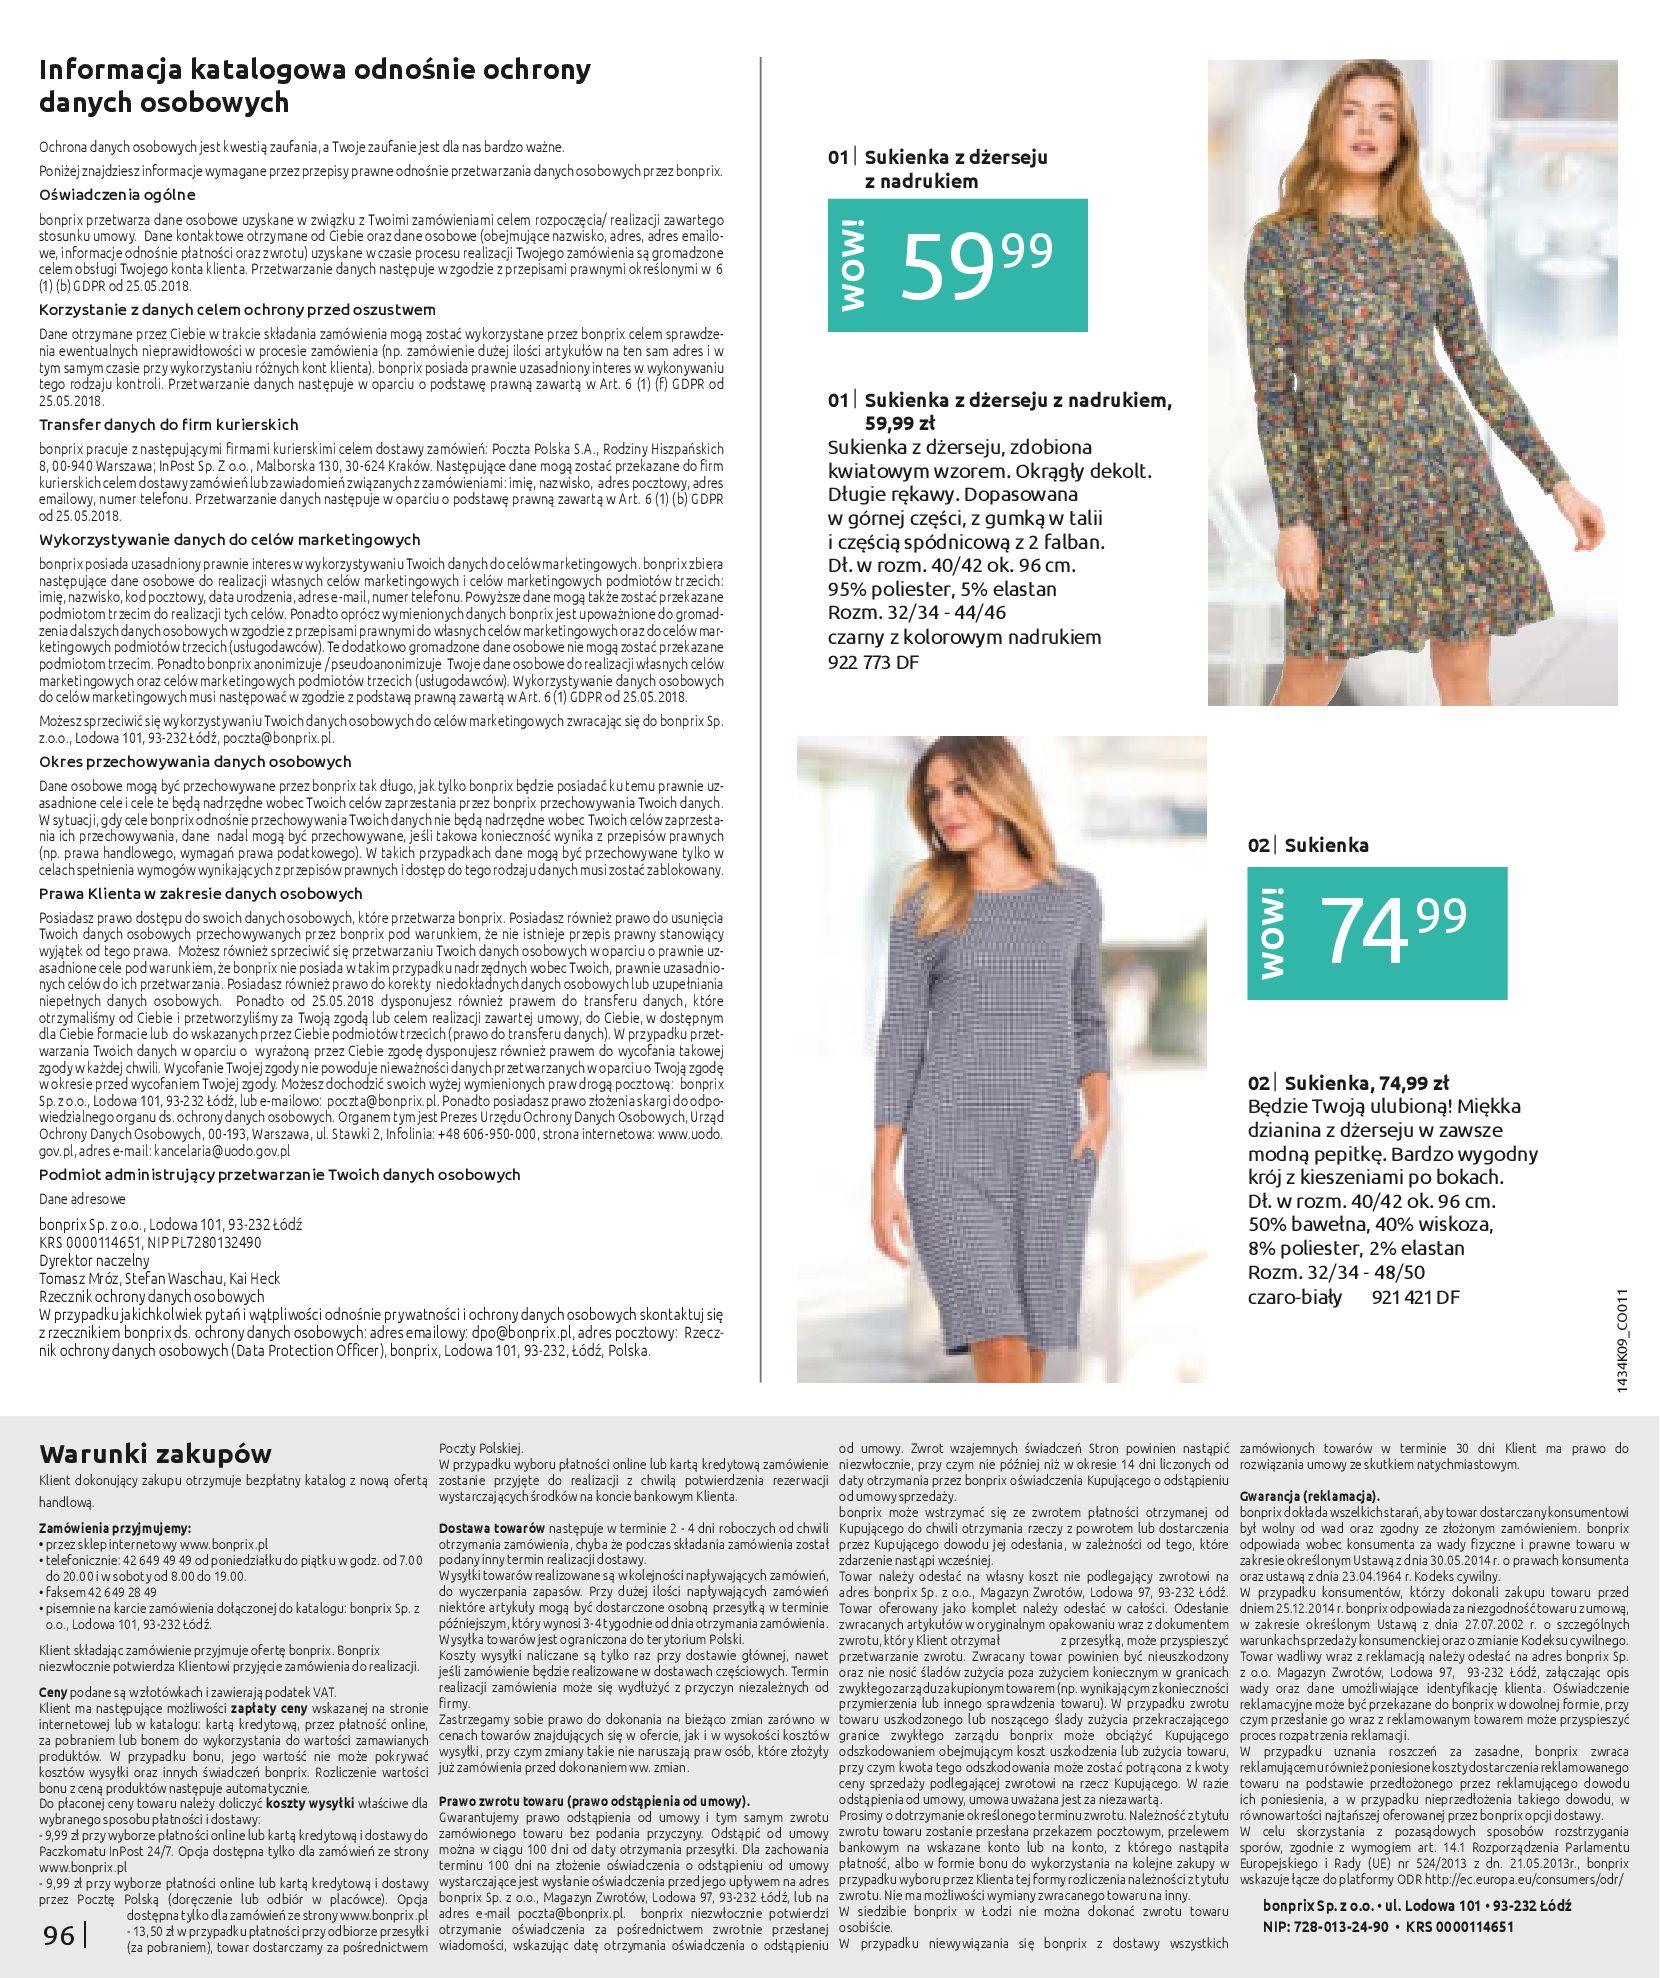 Gazetka Bonprix: Katalog Bonprix - Wolne chwile w wielkim stylu 2021-09-09 page-98